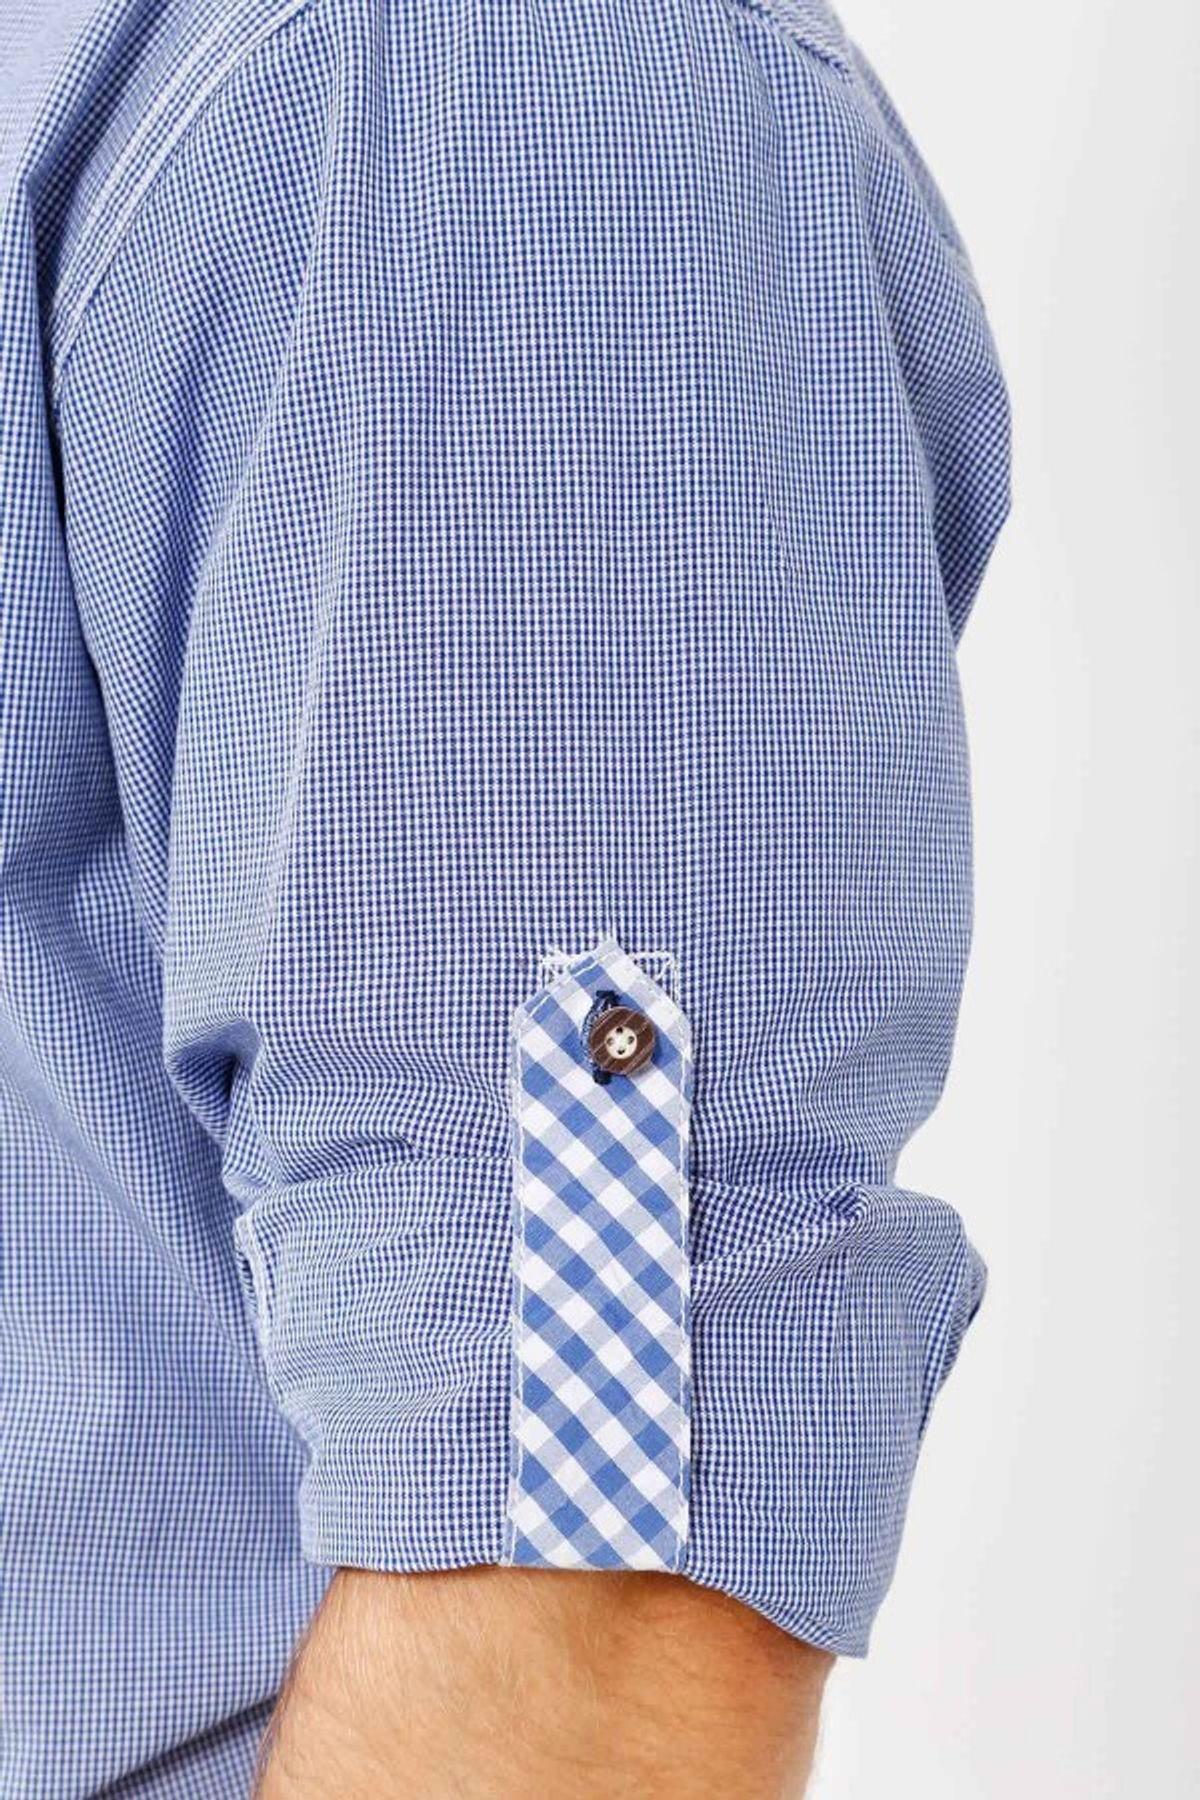 Krüger - Herren Trachtenhemd in blau, Himmelsgucker (91109-8) – Bild 2